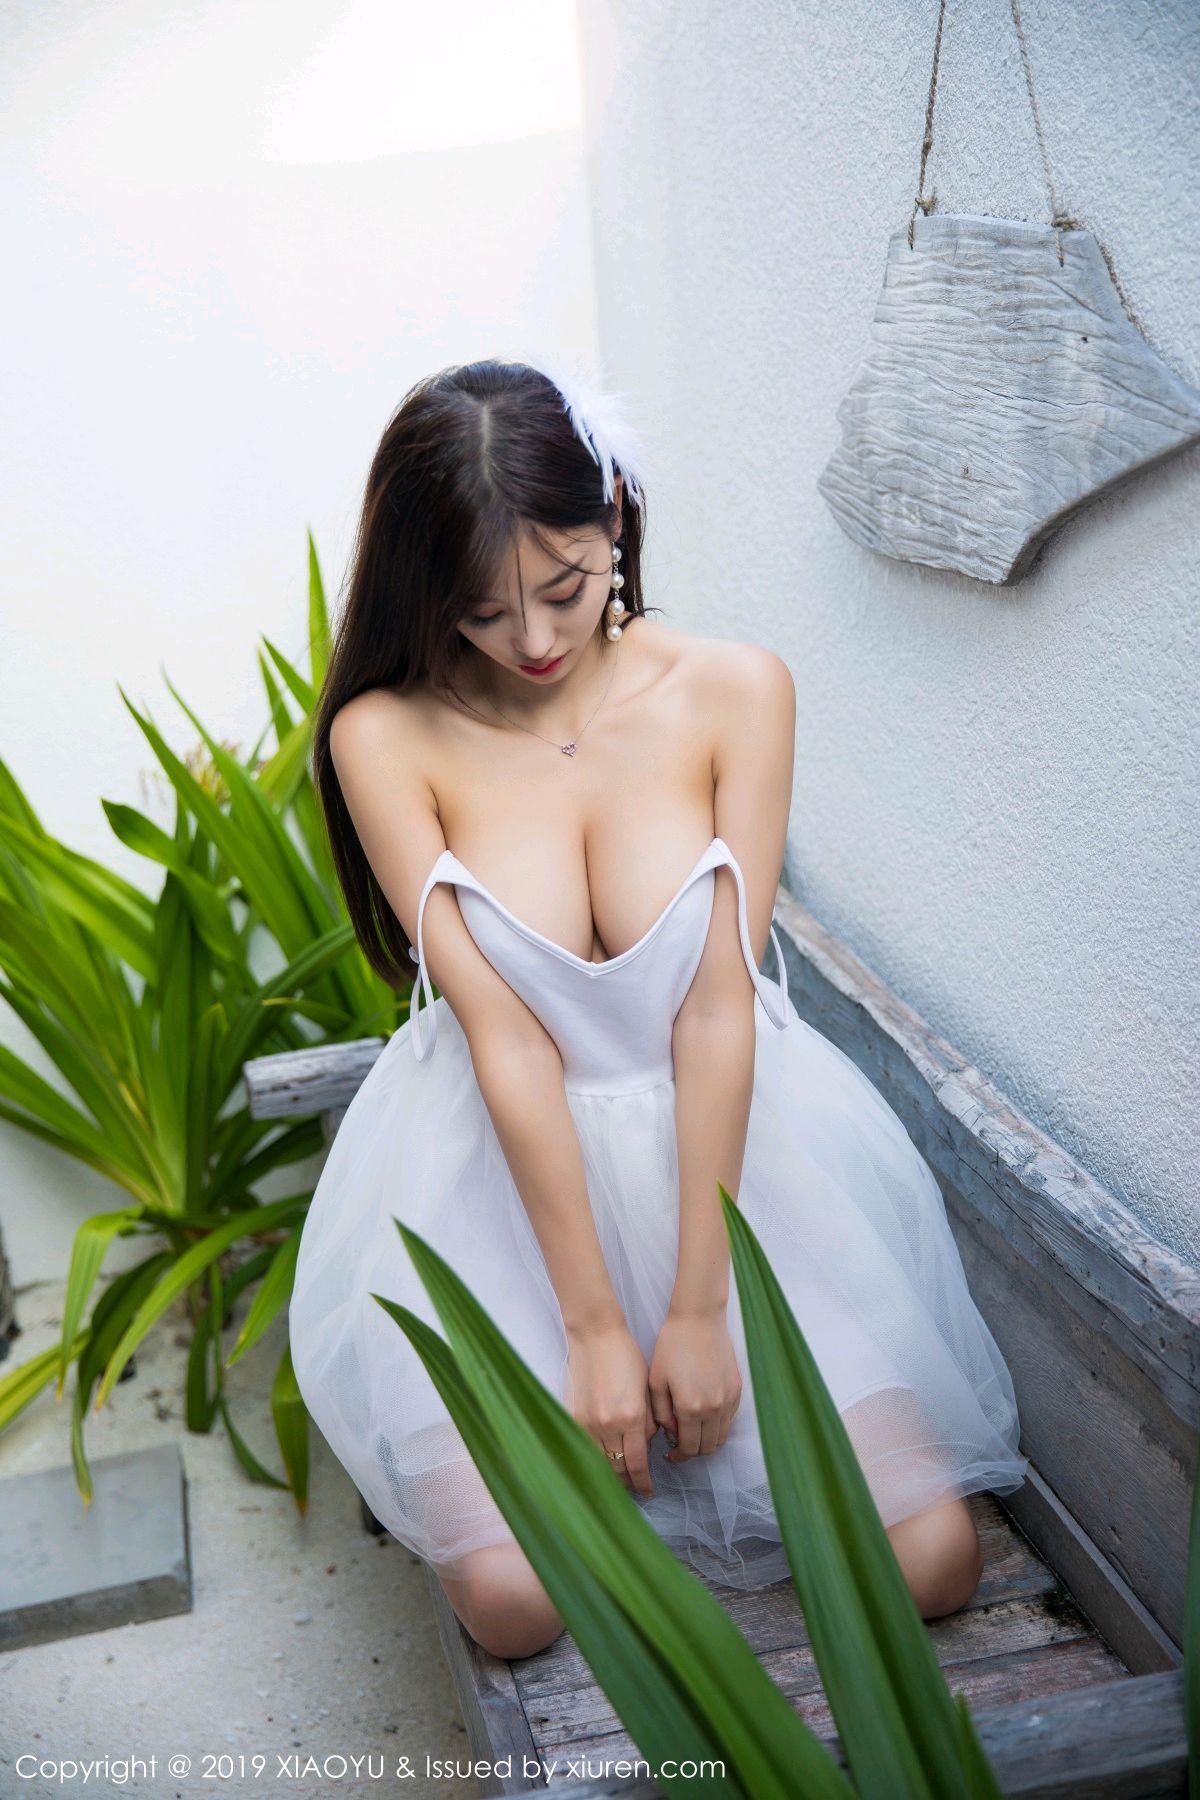 [XiaoYu] Vol.099 Yang Chen Chen 49P, Underwear, XiaoYu, Yang Chen Chen